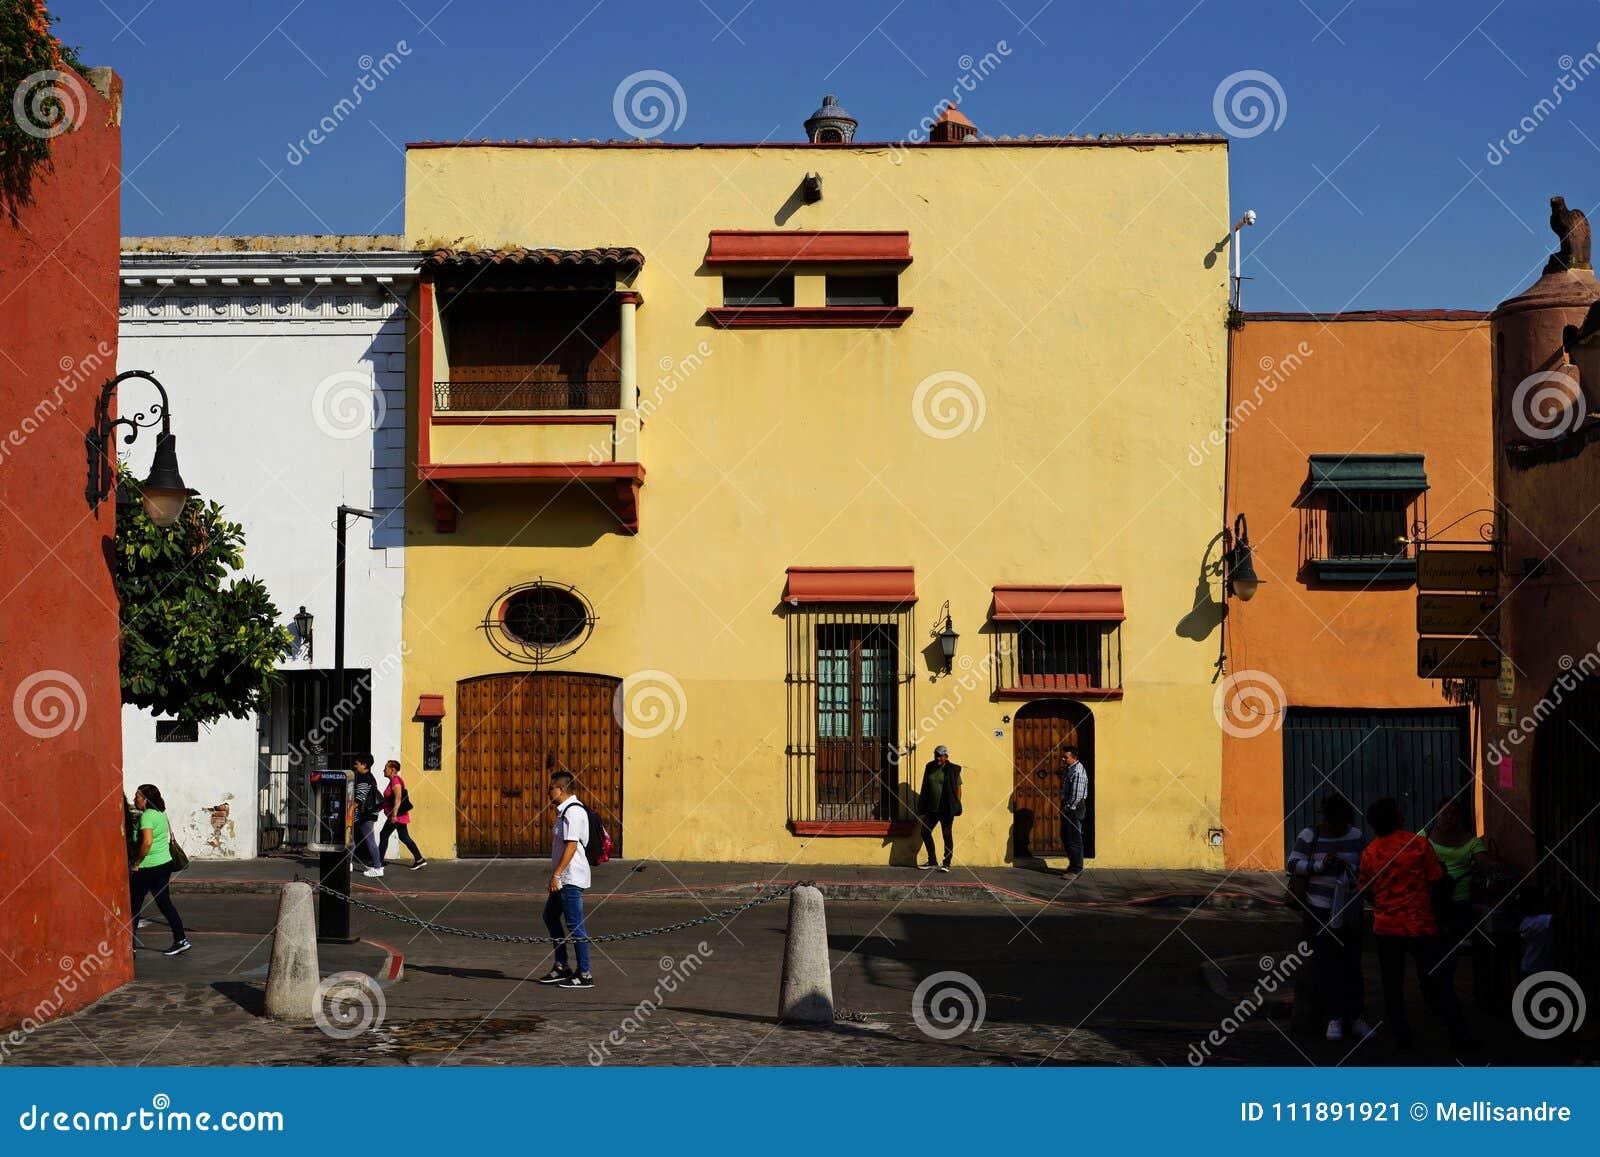 Calle en Cuernavaca, México